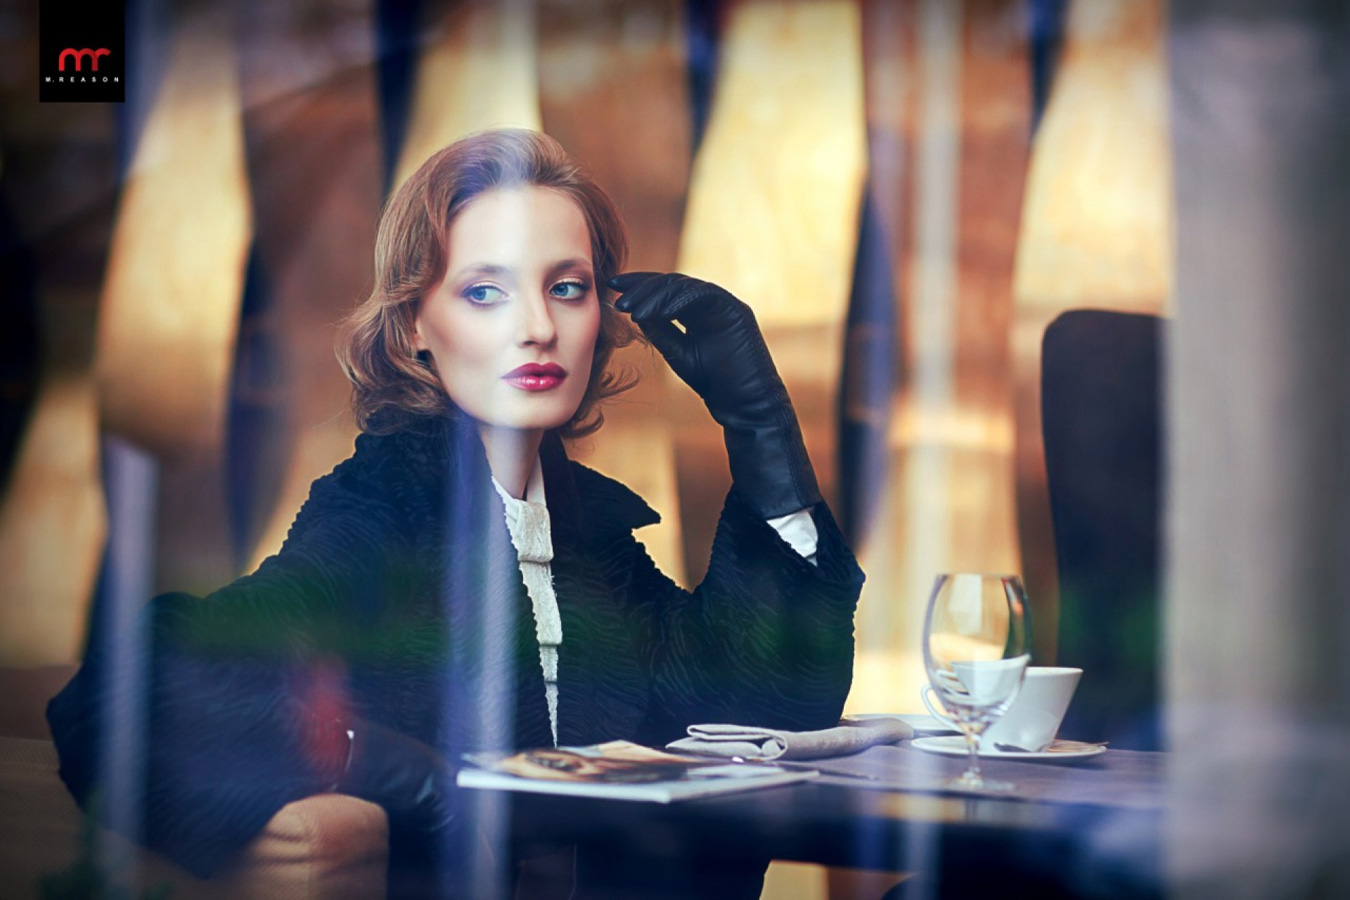 Имиджевая фотосъемка для M.Reason. Фотосъемка одежды, фотограф Лена Волкова